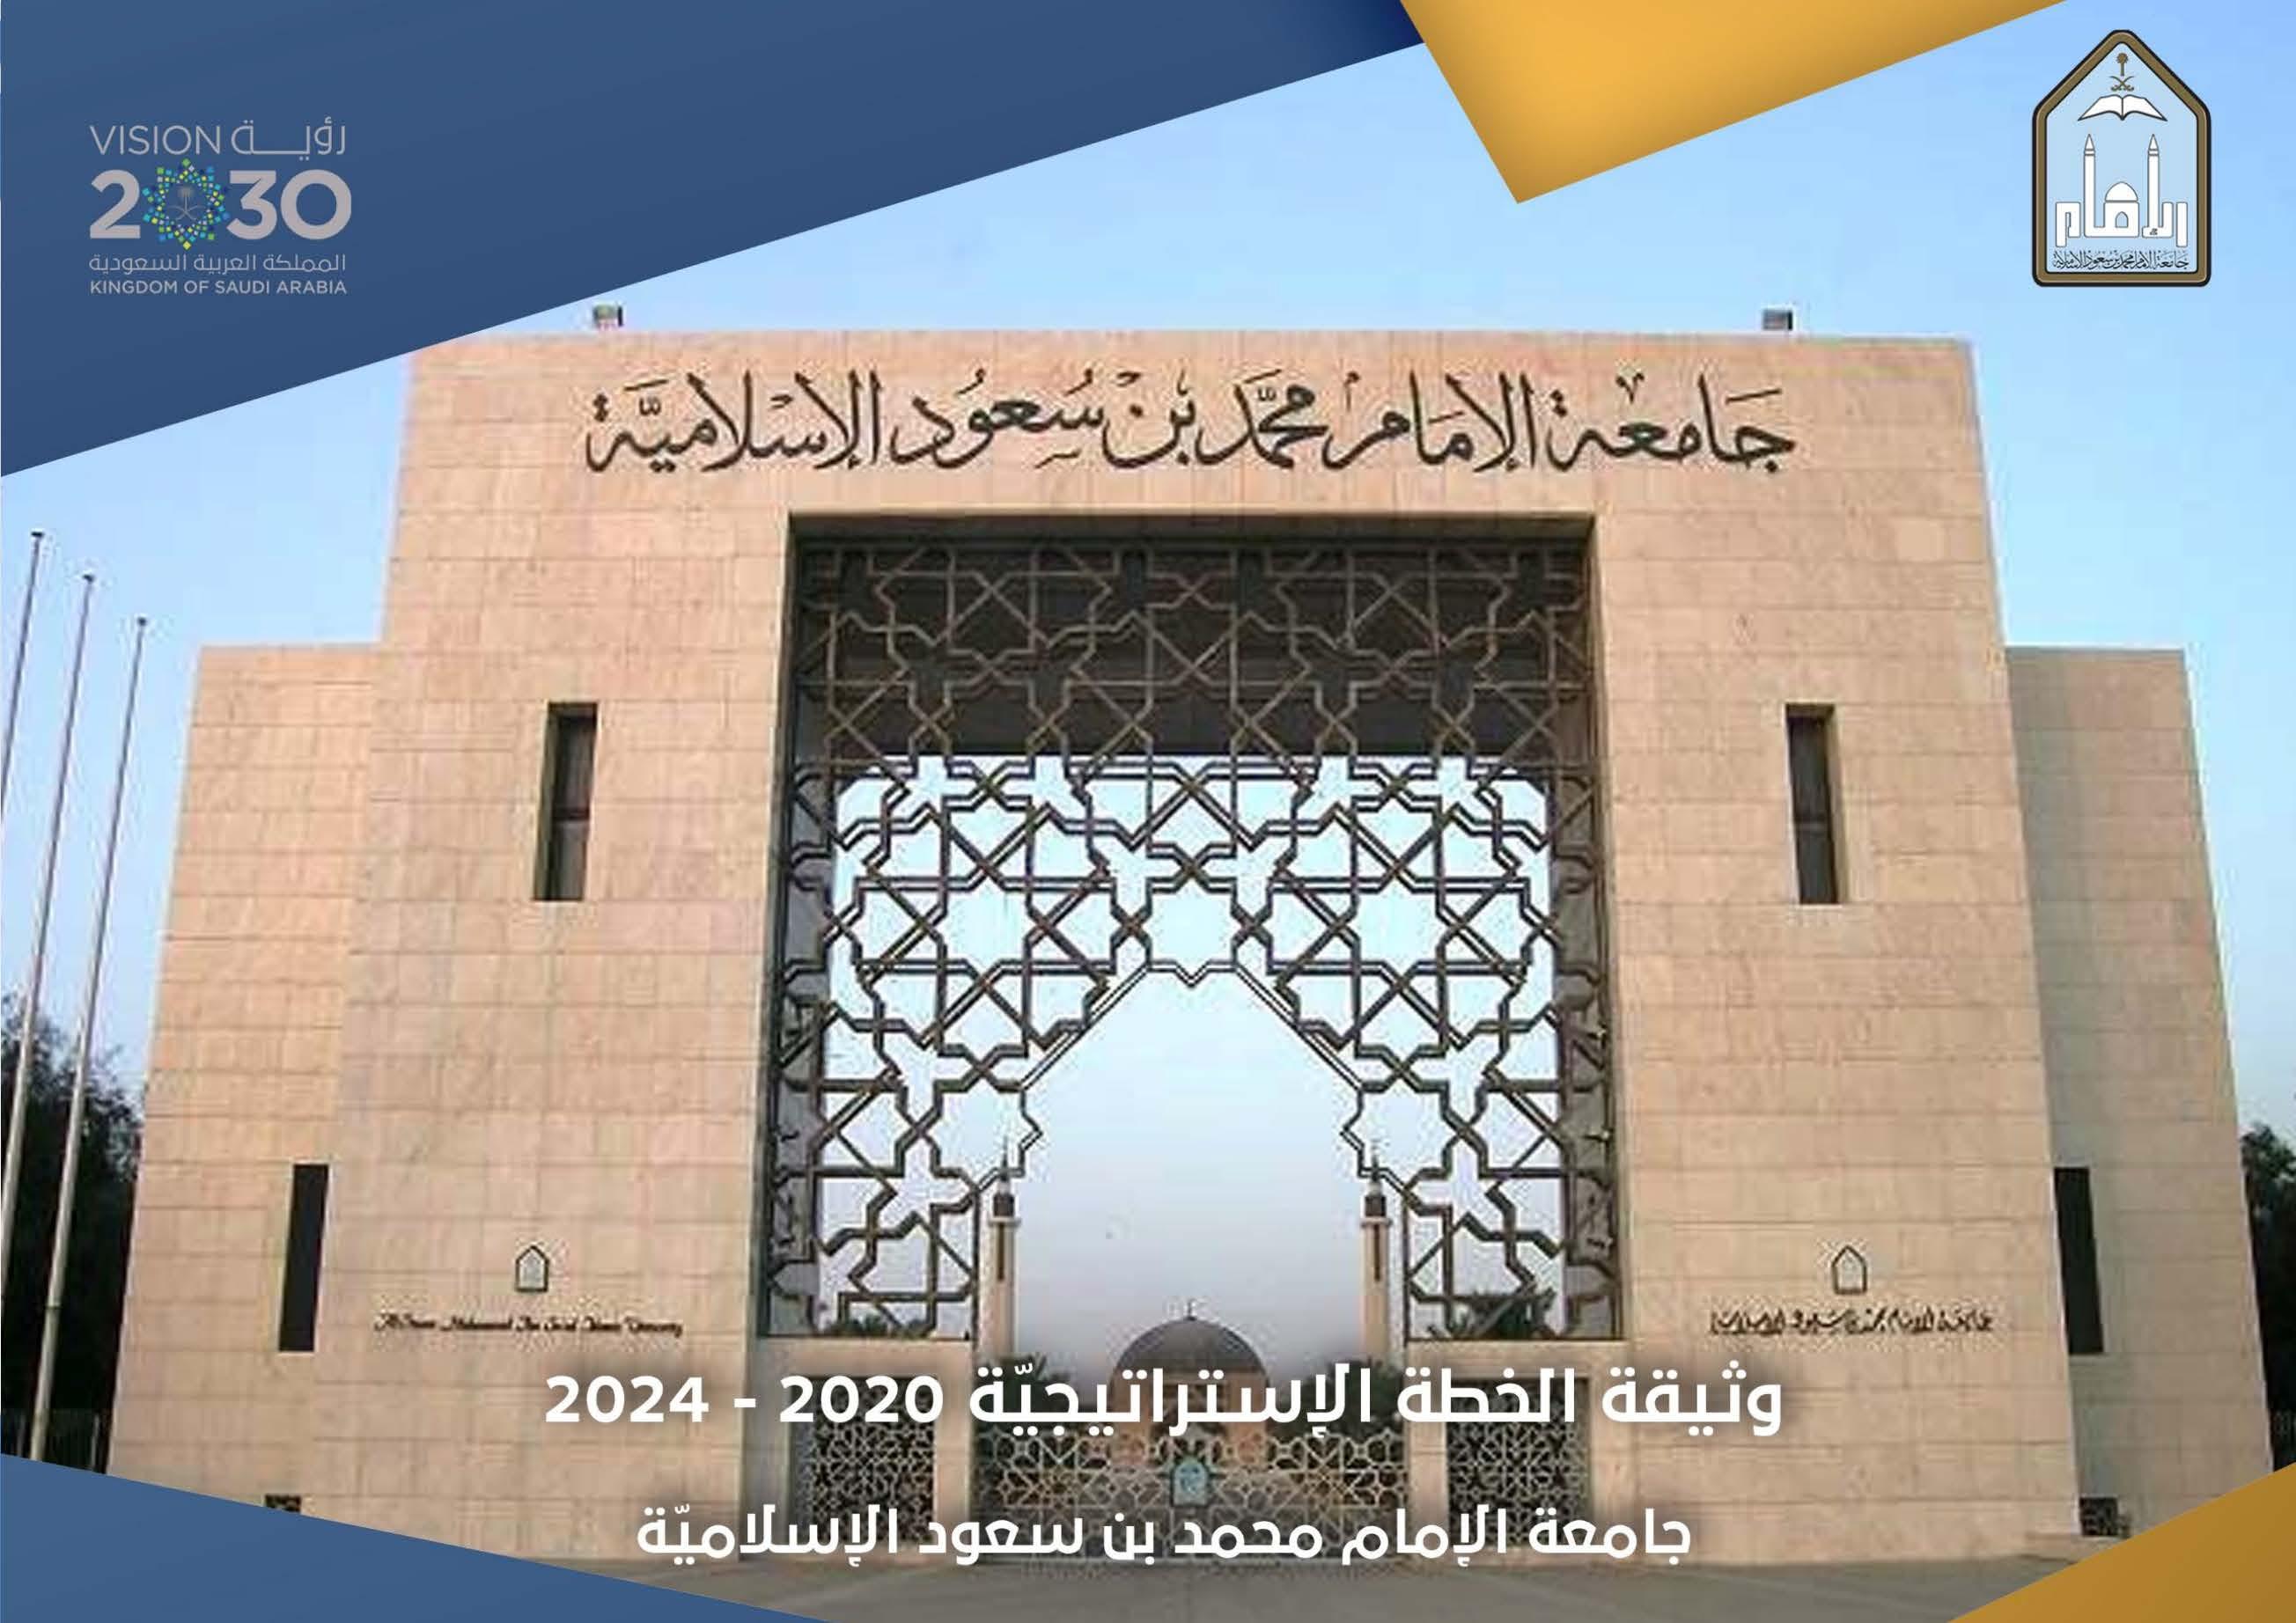 استبيان لمشروع الخطة الاستراتيجية لجامعة الإمام محمد بن سعود الإسلامية 2020 2024 رؤية جامعة الإمام 2024